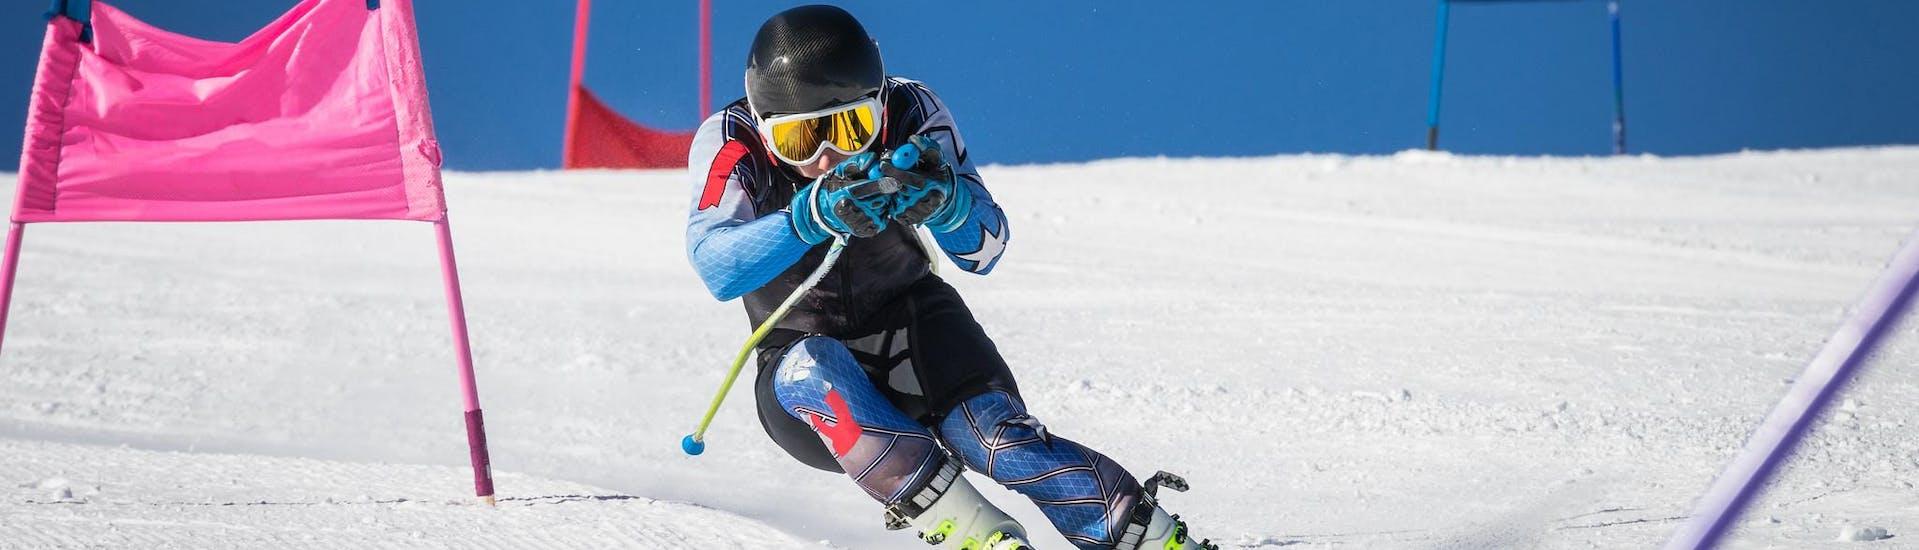 Privé Race Camp - ervaren: Een skiër traint de slalom tijdens een cursus georganiseerd door Skischool Dachstein West.